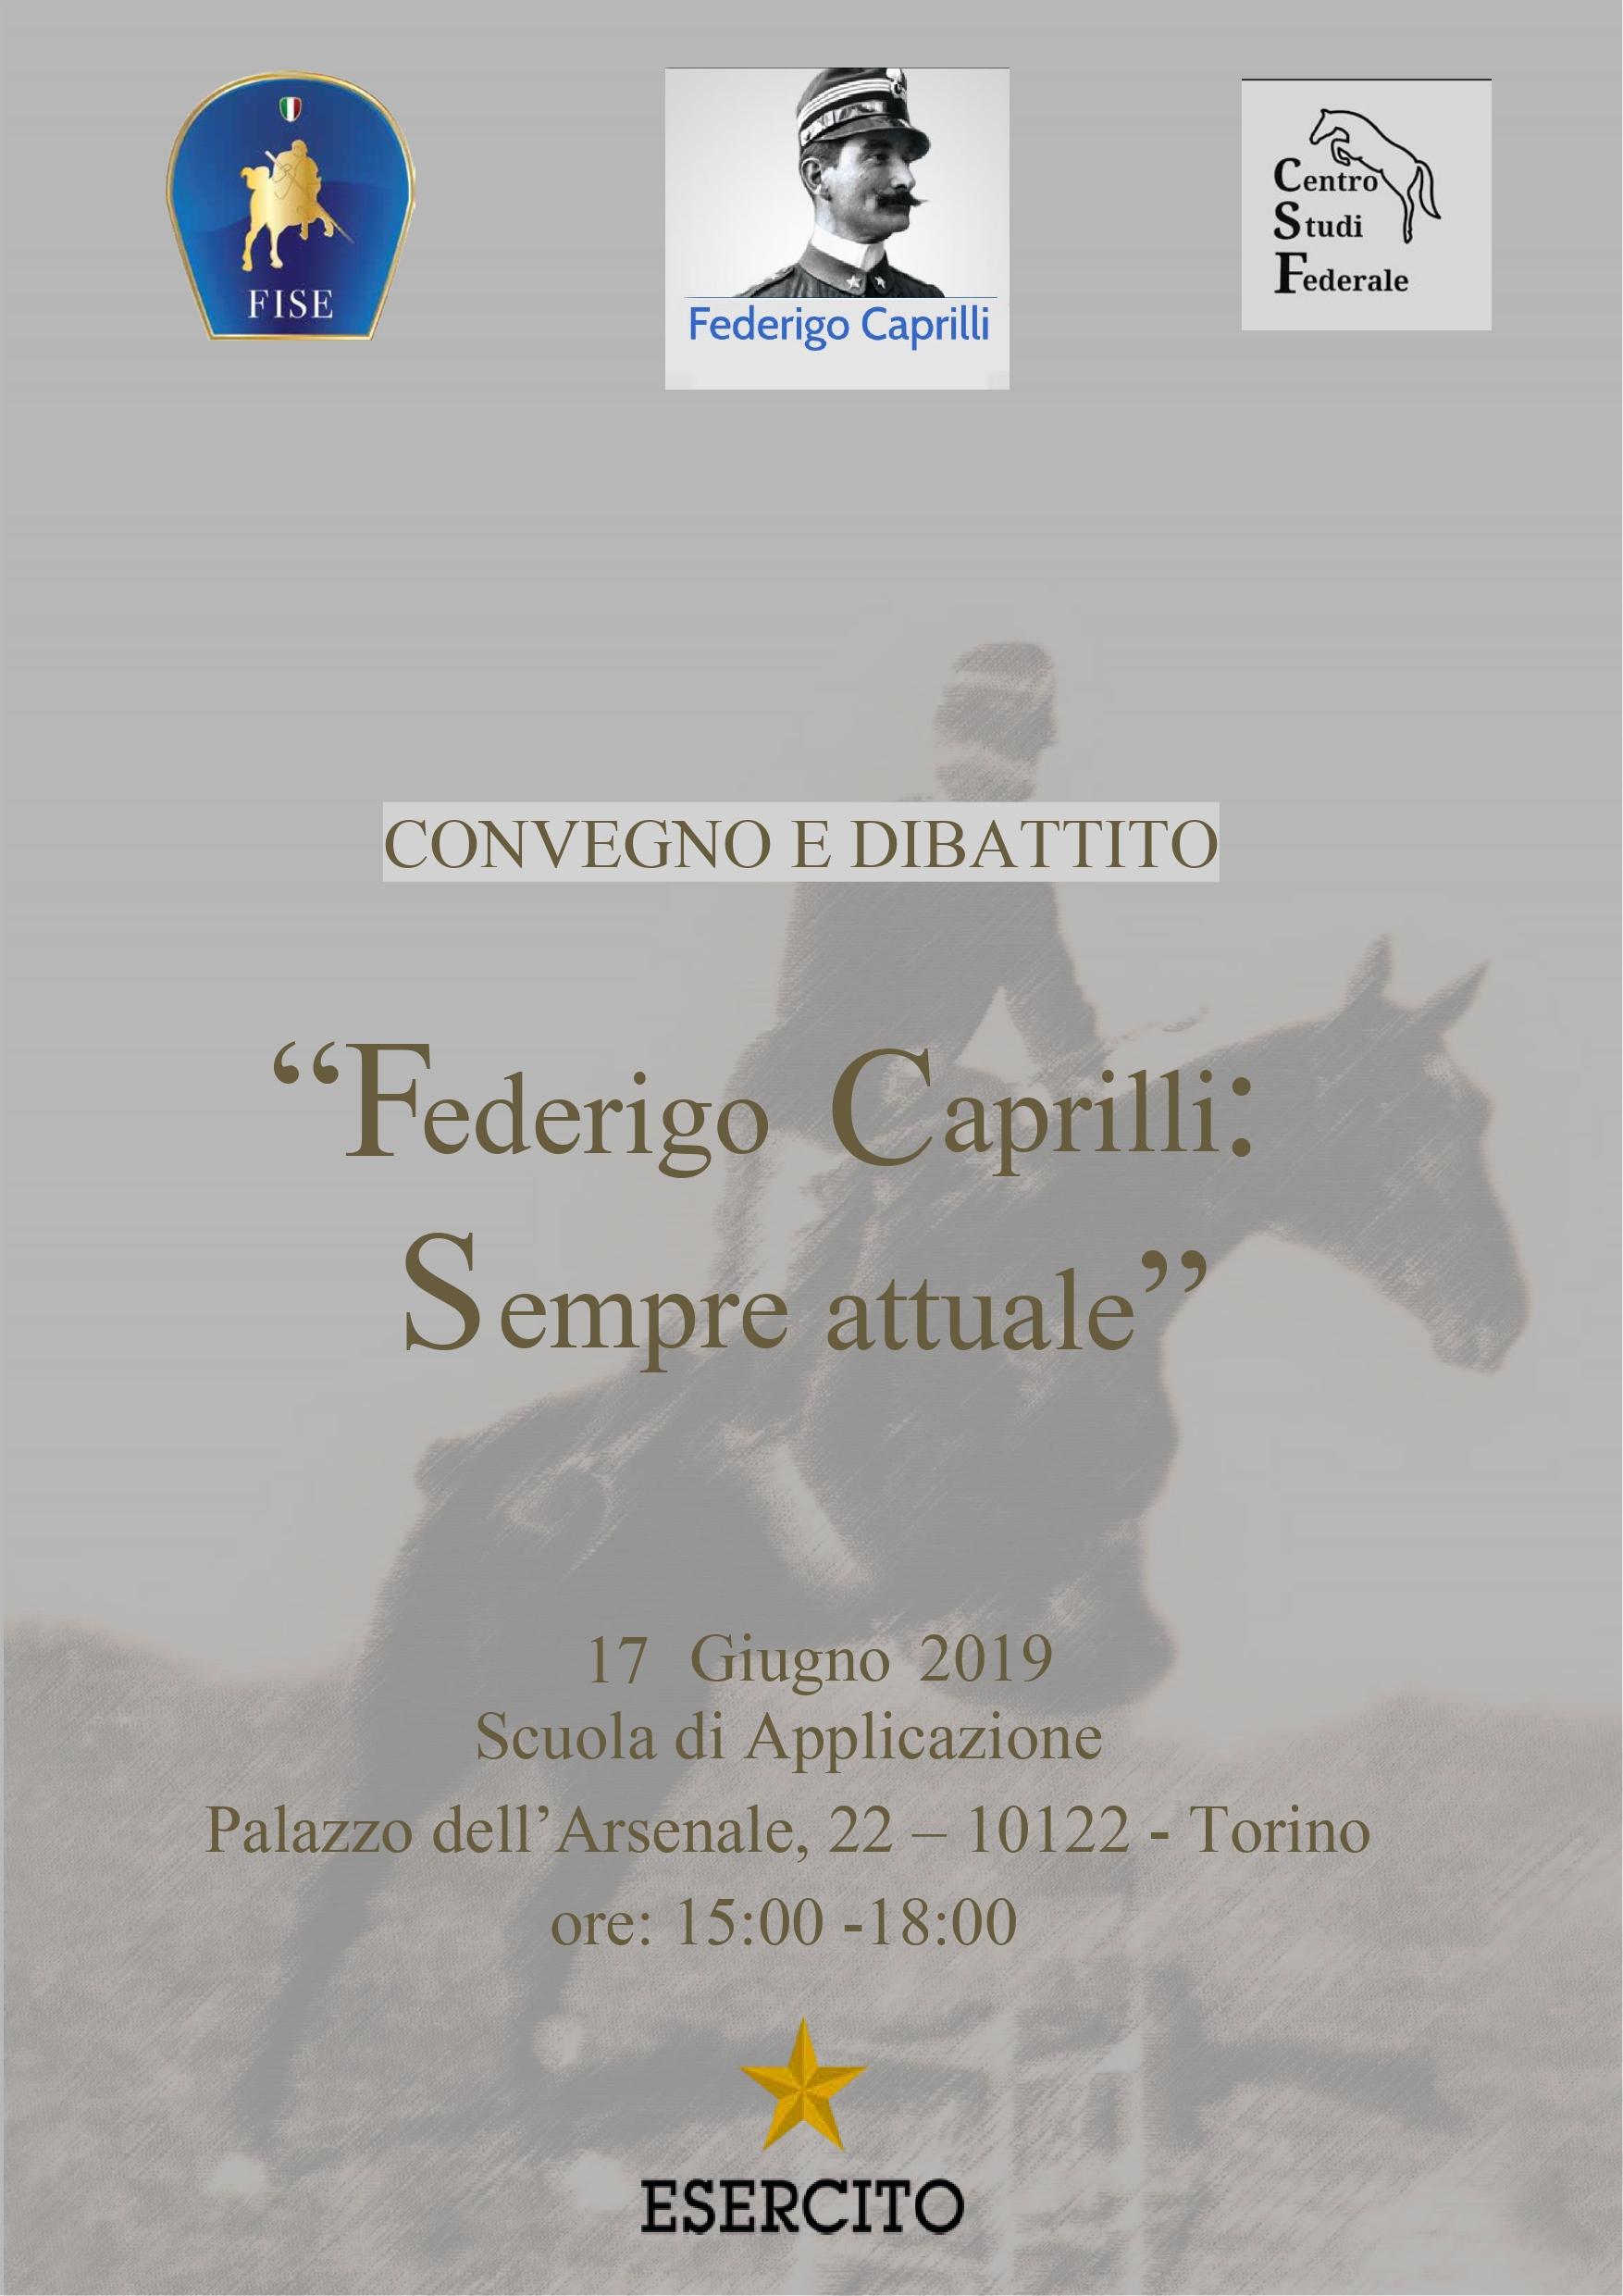 Fise Piemonte Calendario.Formazione